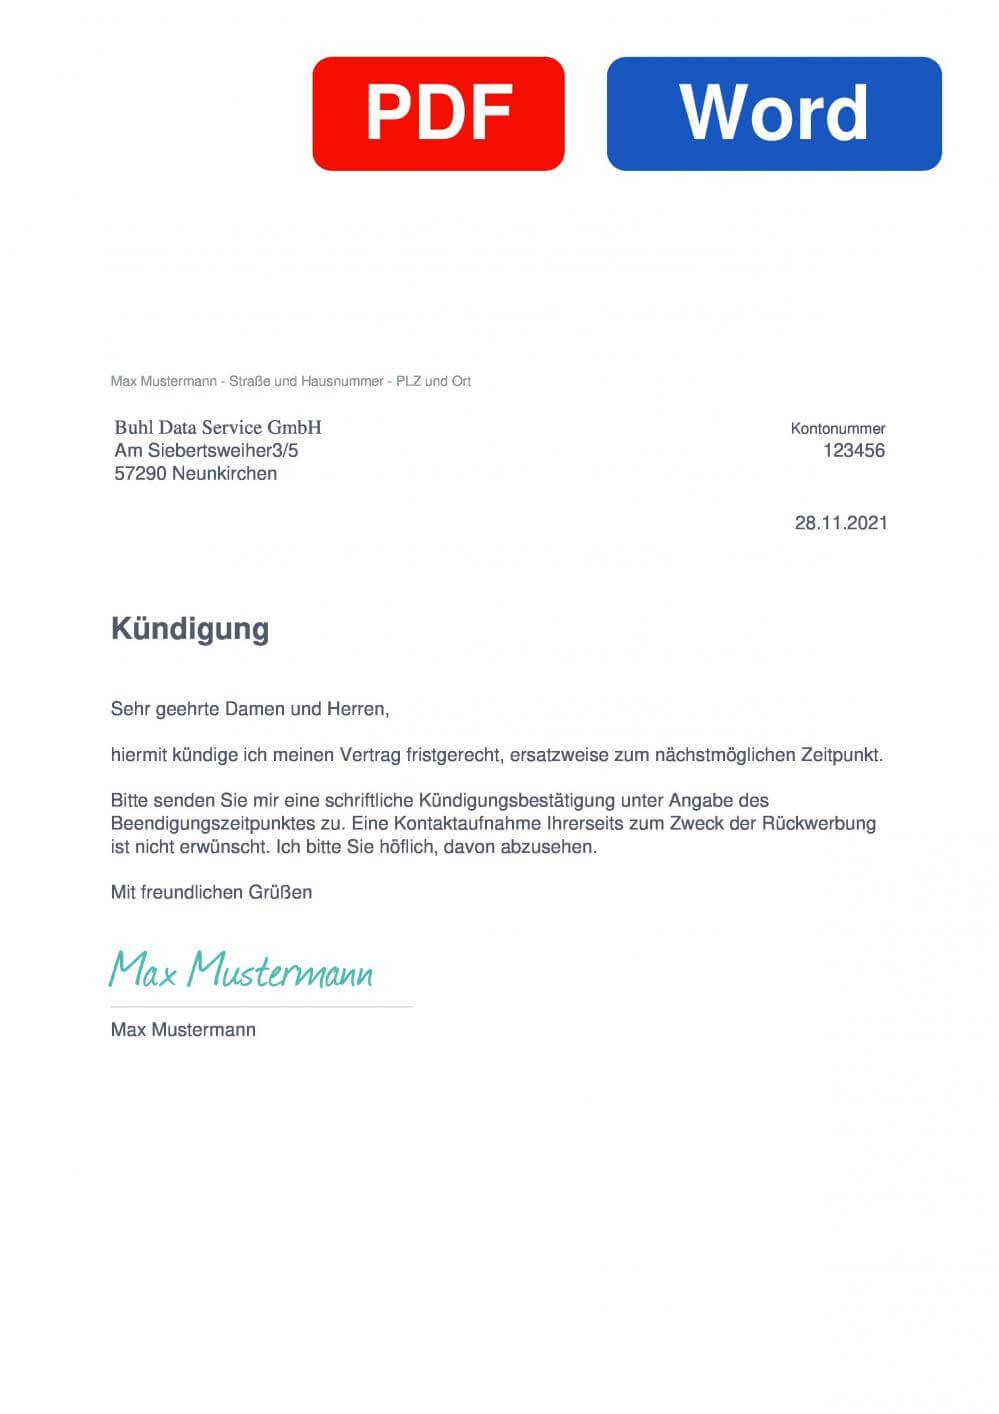 WISO Steuer Muster Vorlage für Kündigungsschreiben